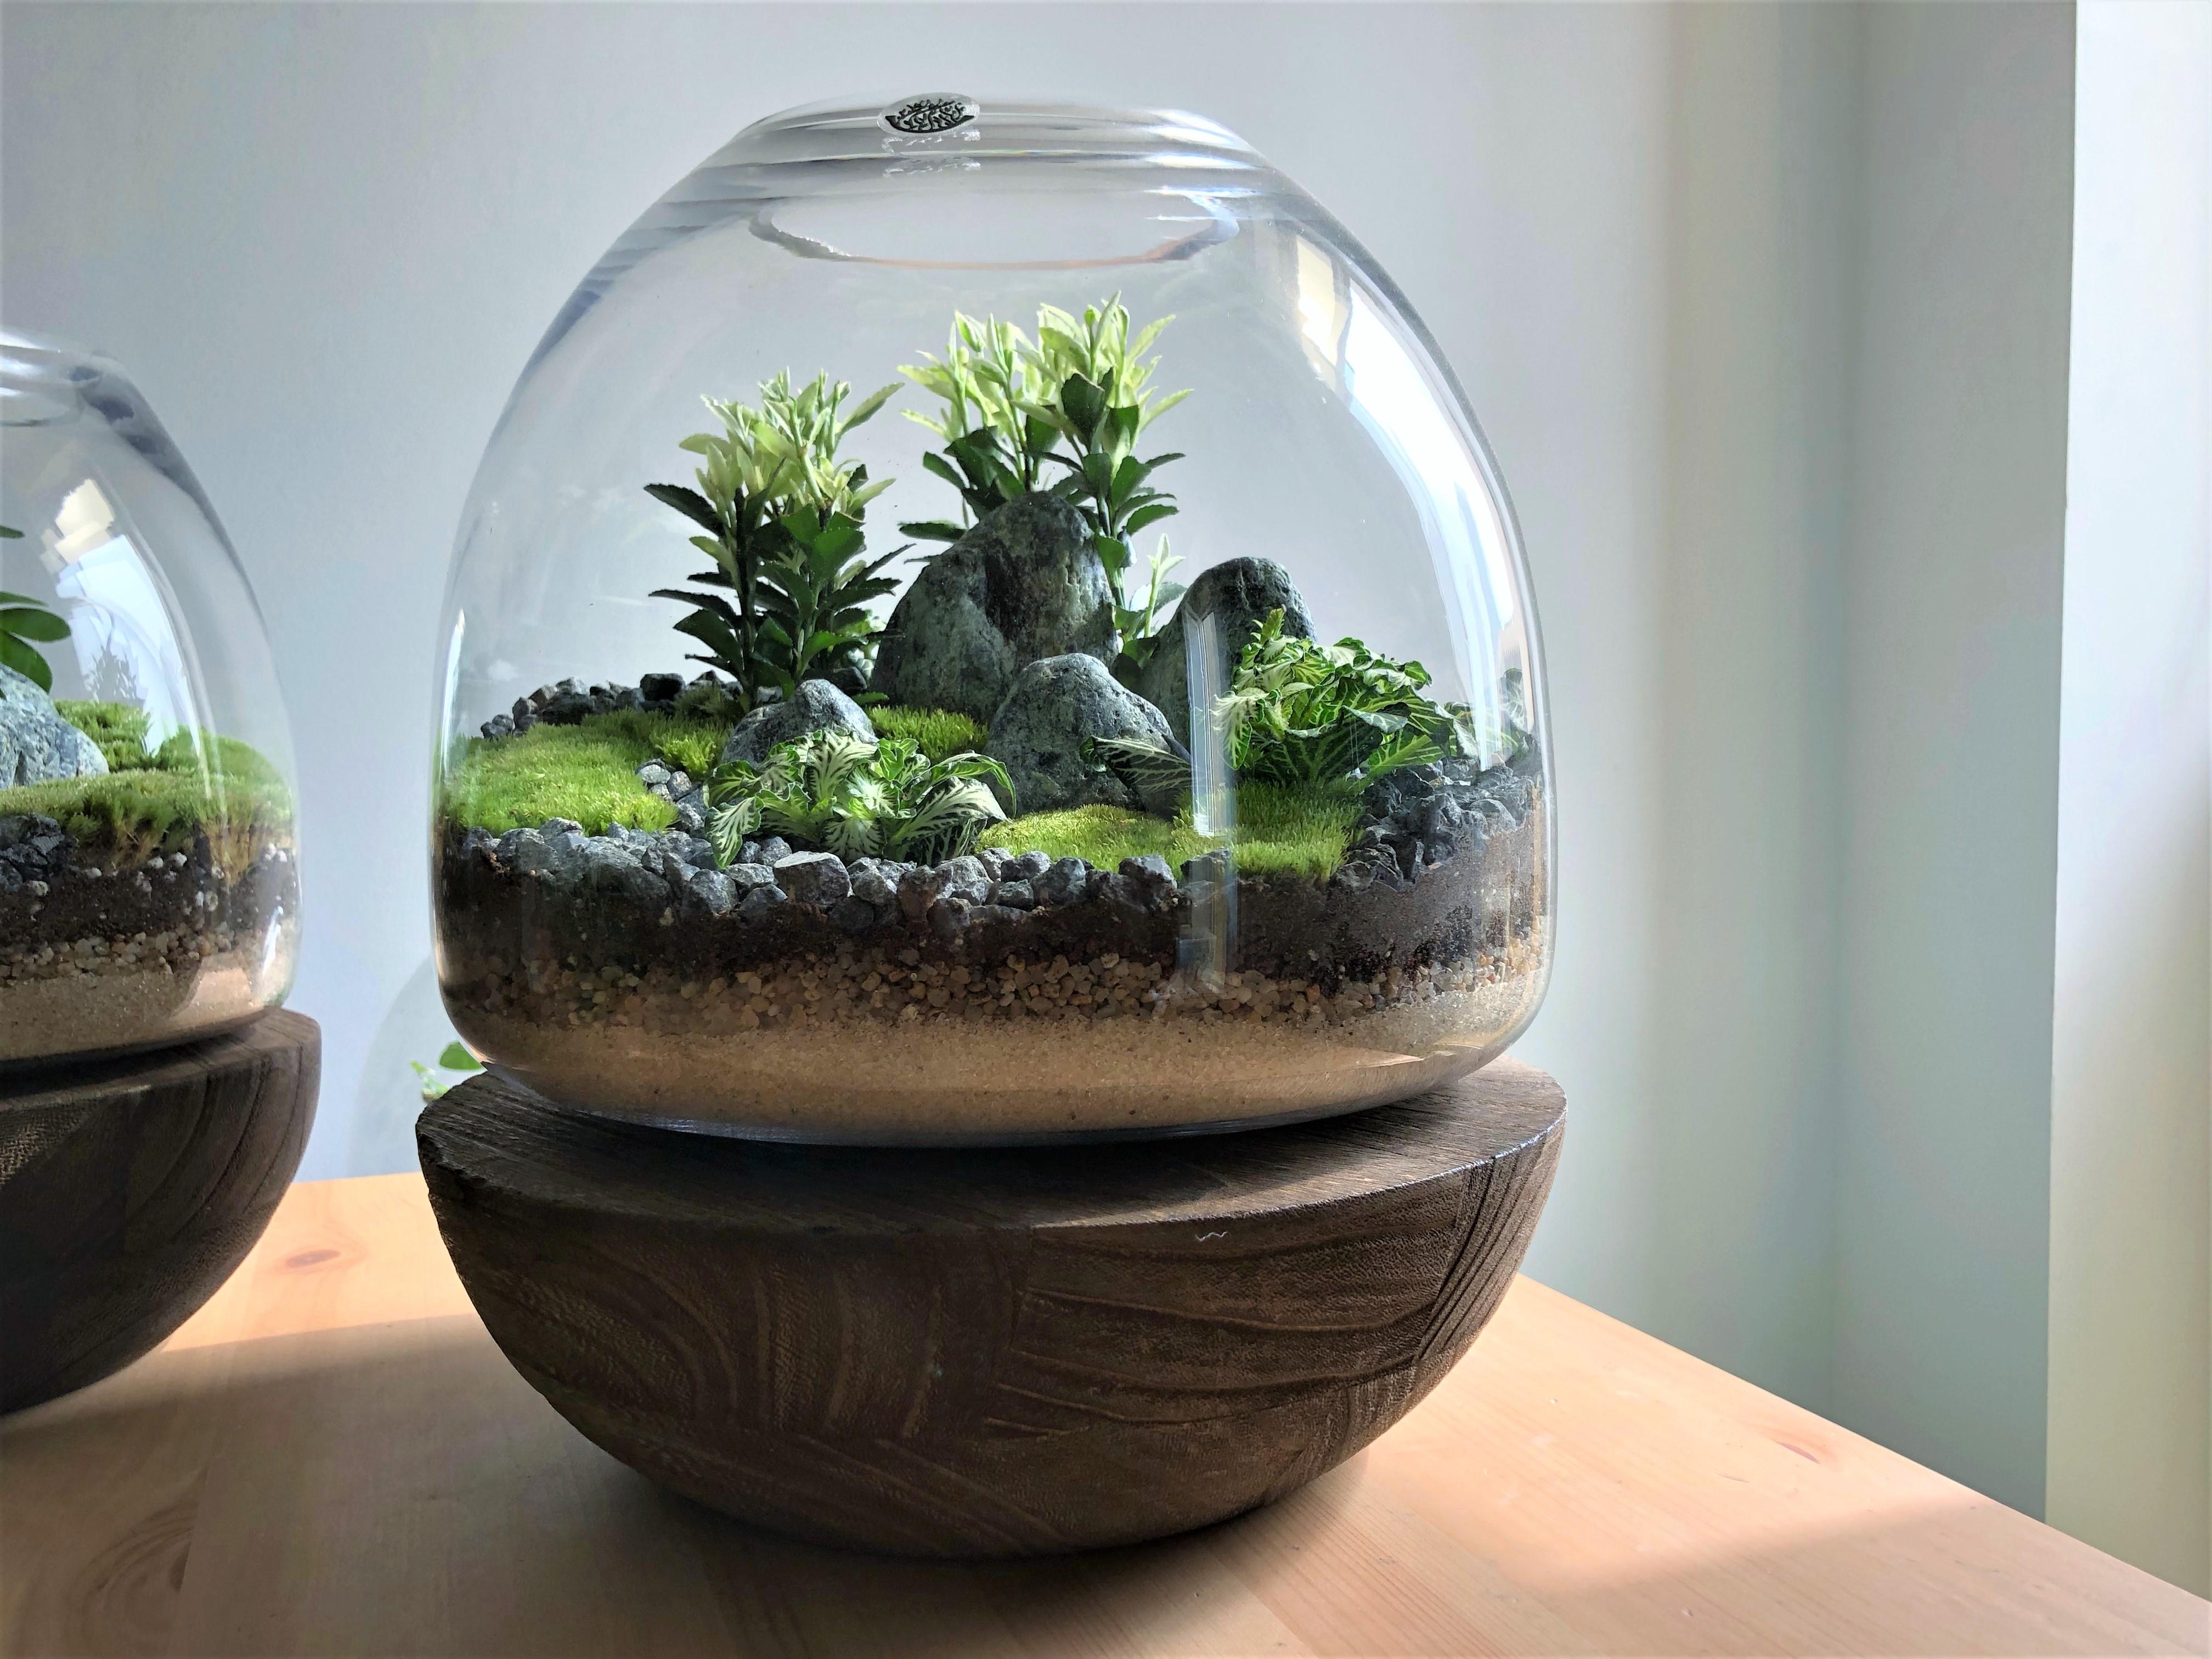 حوض زجاجي كبير بقاعدة خشبية  'نباتات للمكاتب'